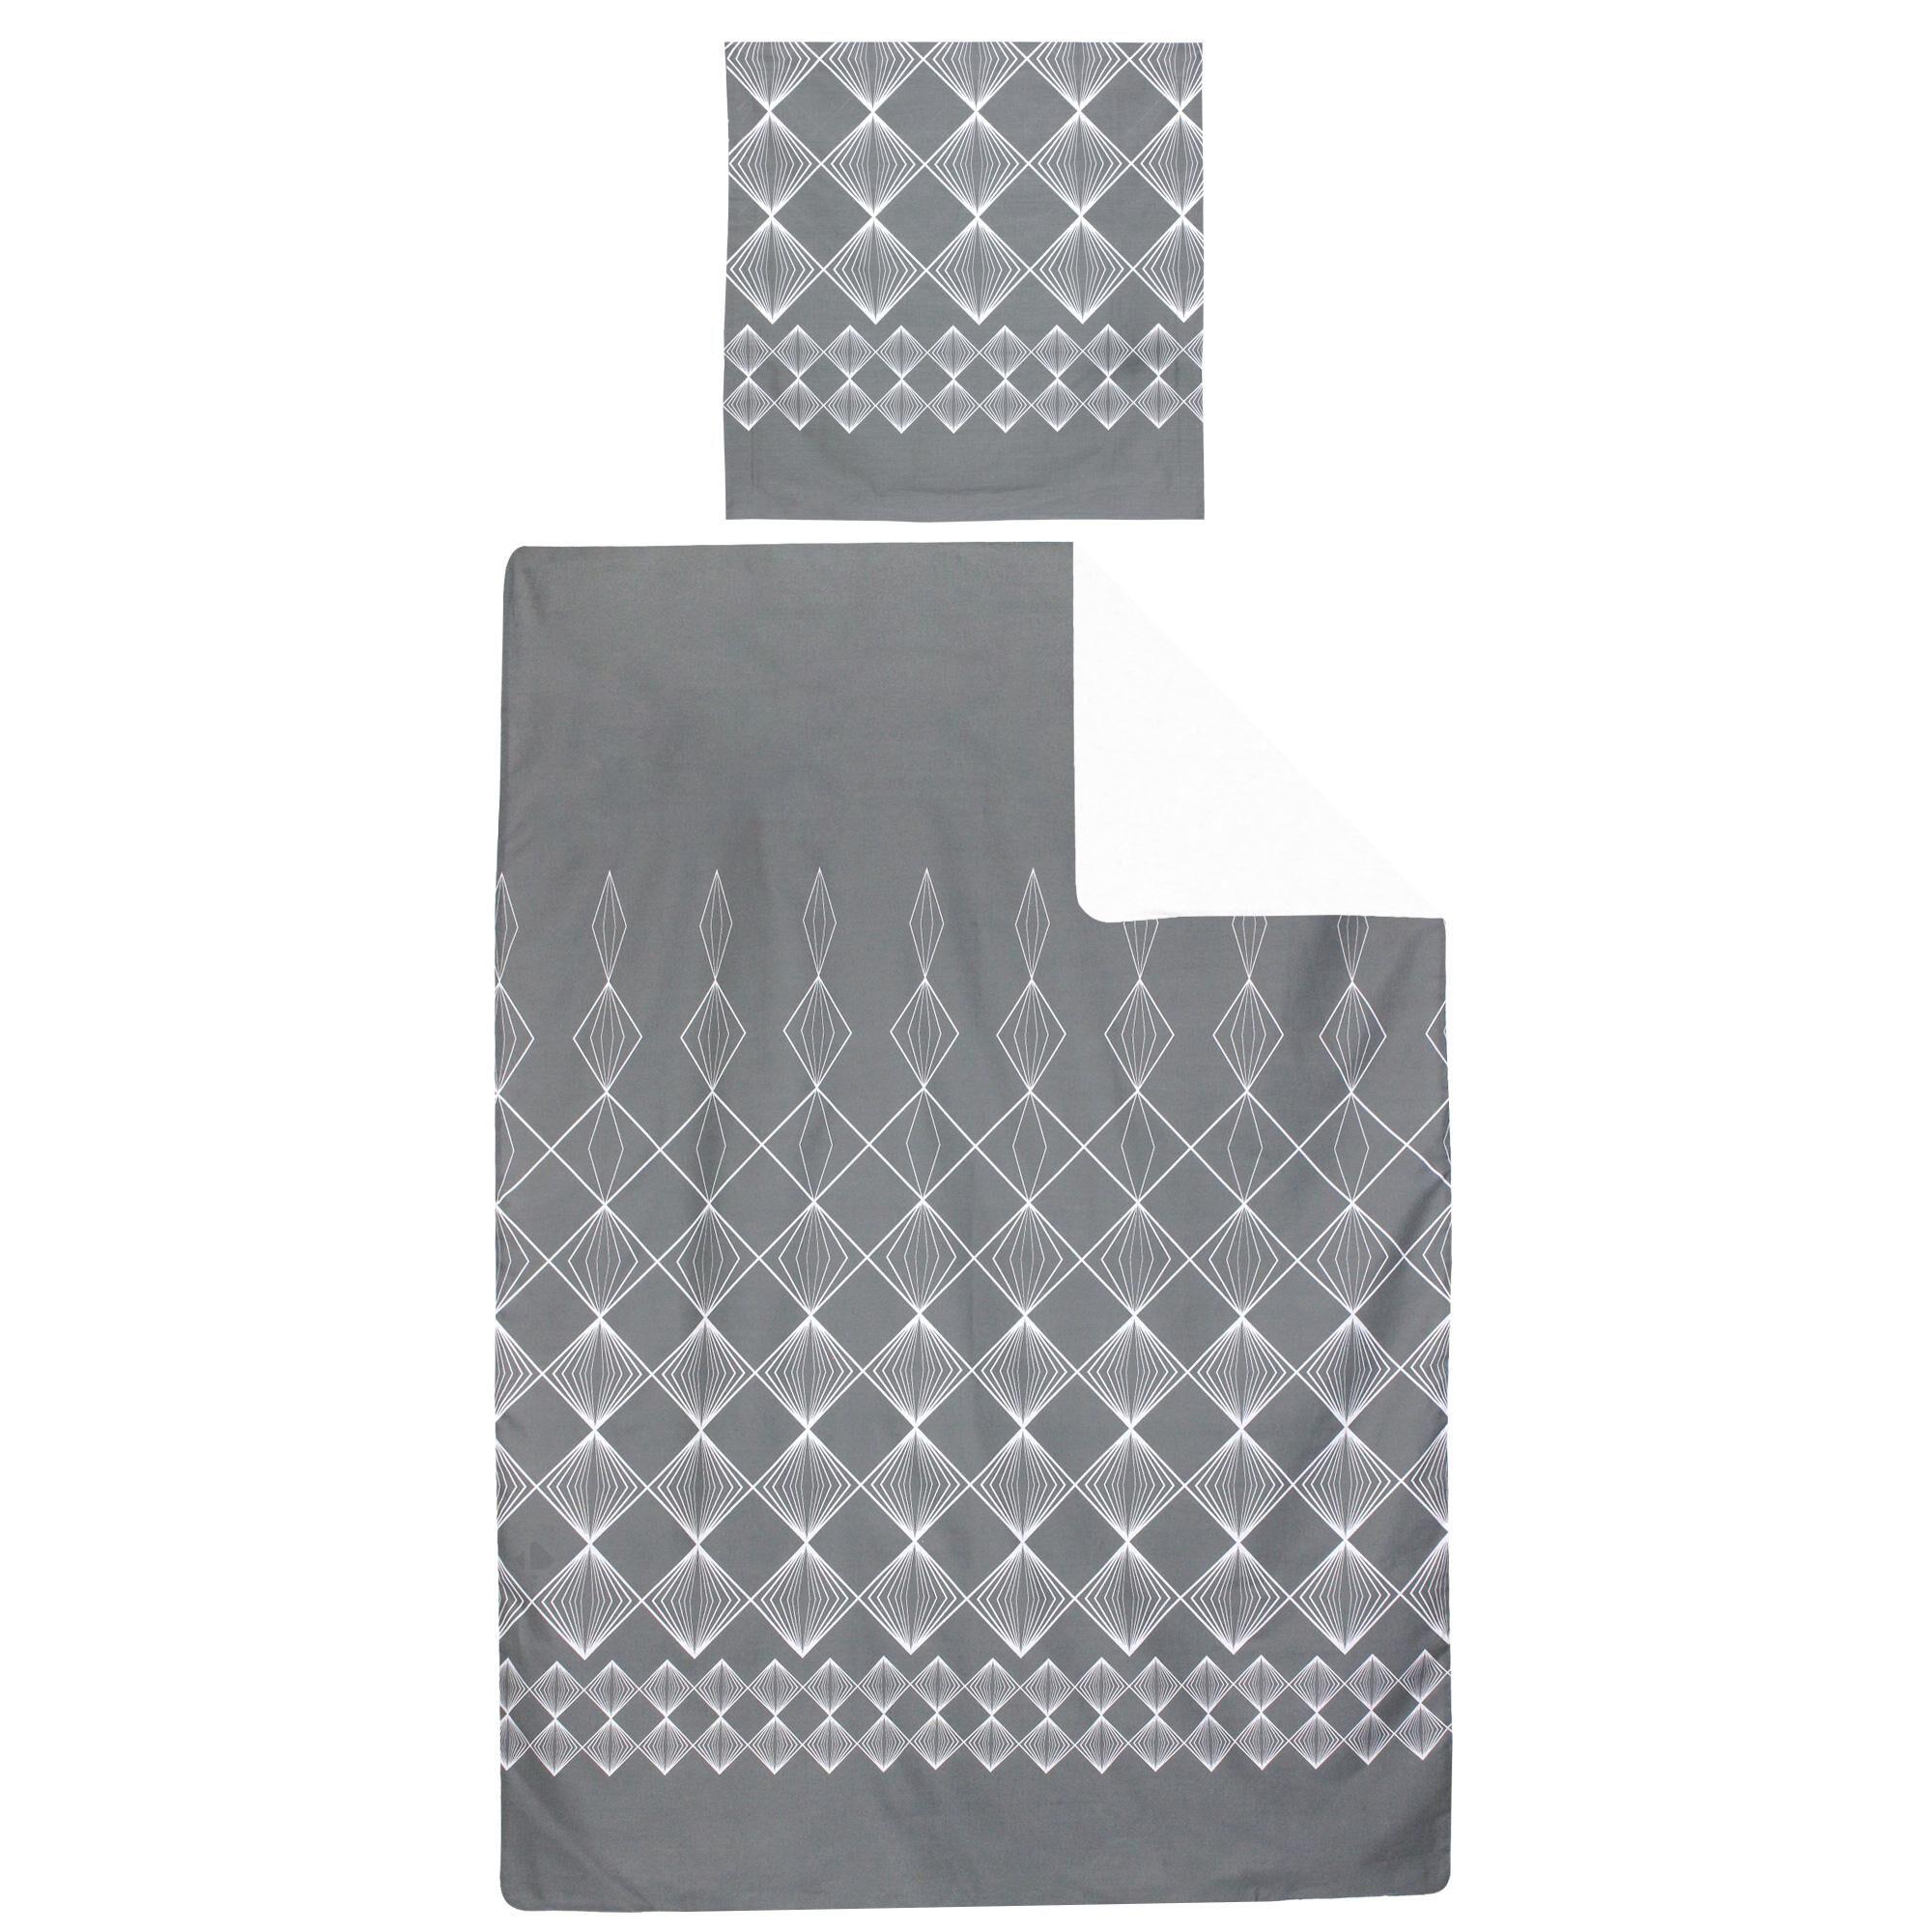 Linnea Parure de lit 140x200 cm 100% coton FOREVER GRIS gris foncé 2 pièces